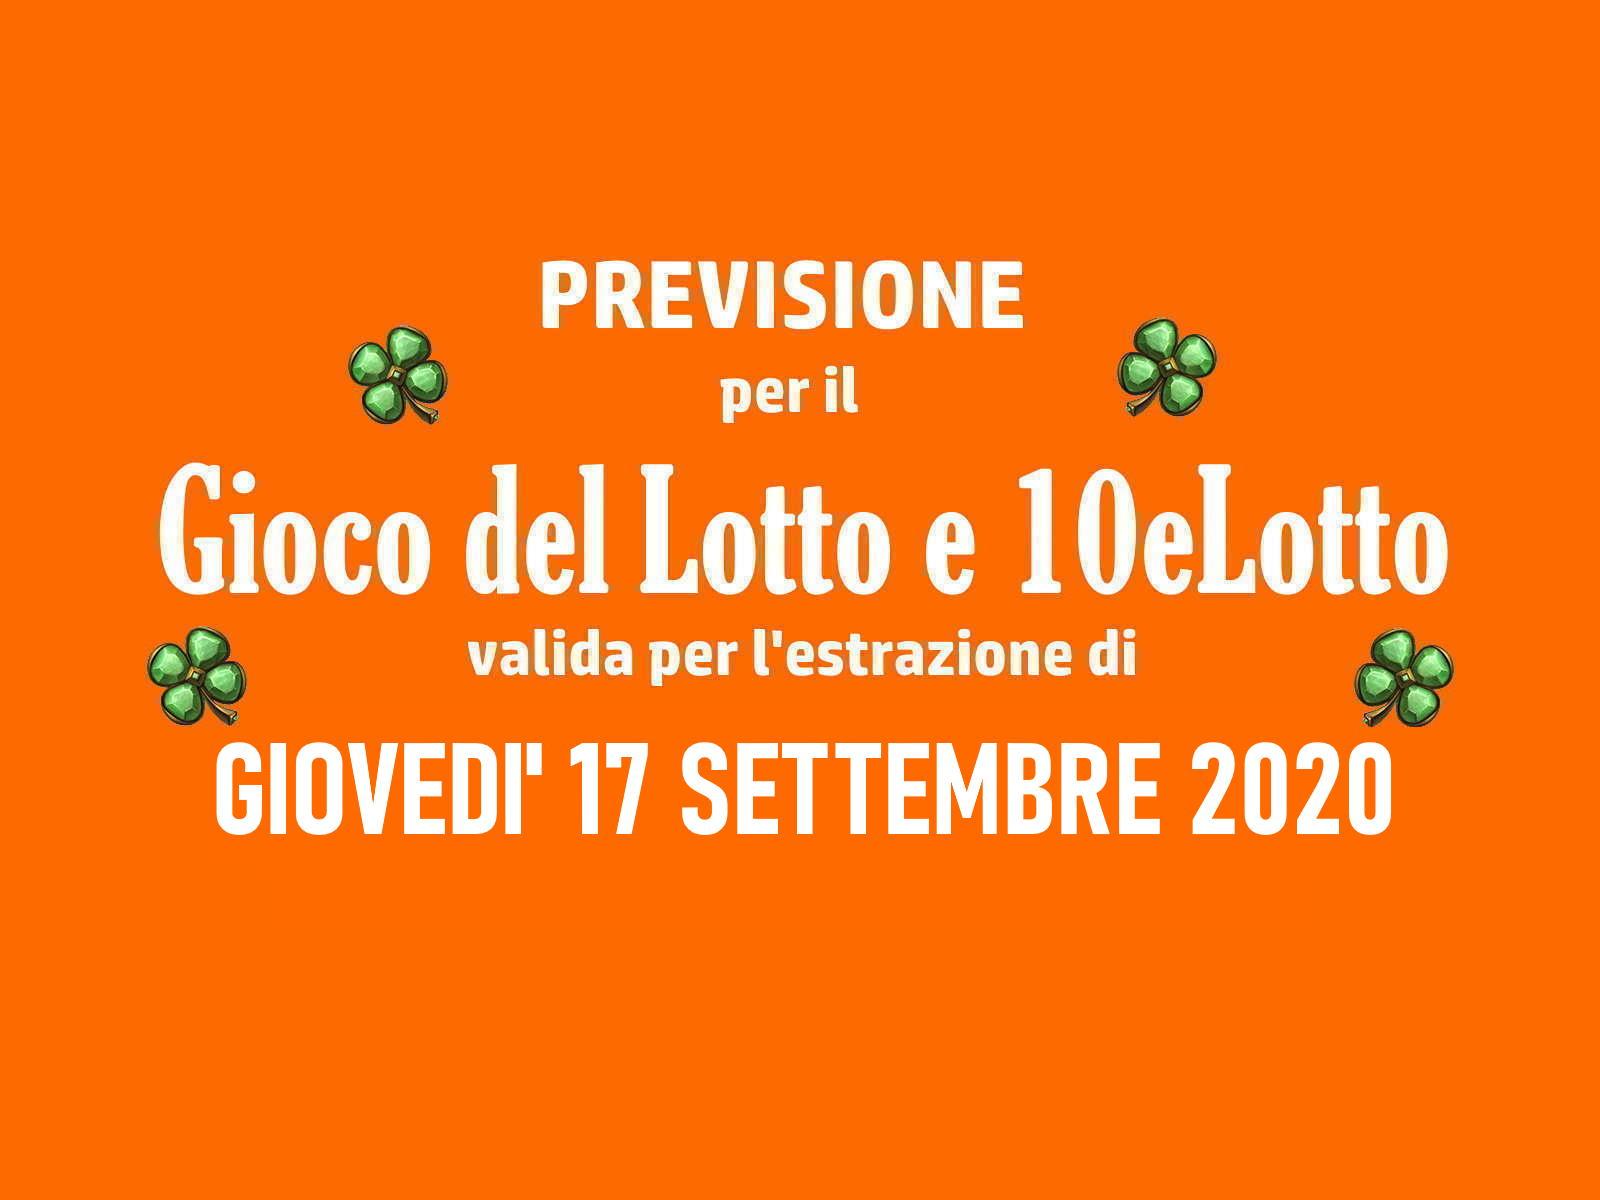 Previsione Lotto 17 Settembre 2020